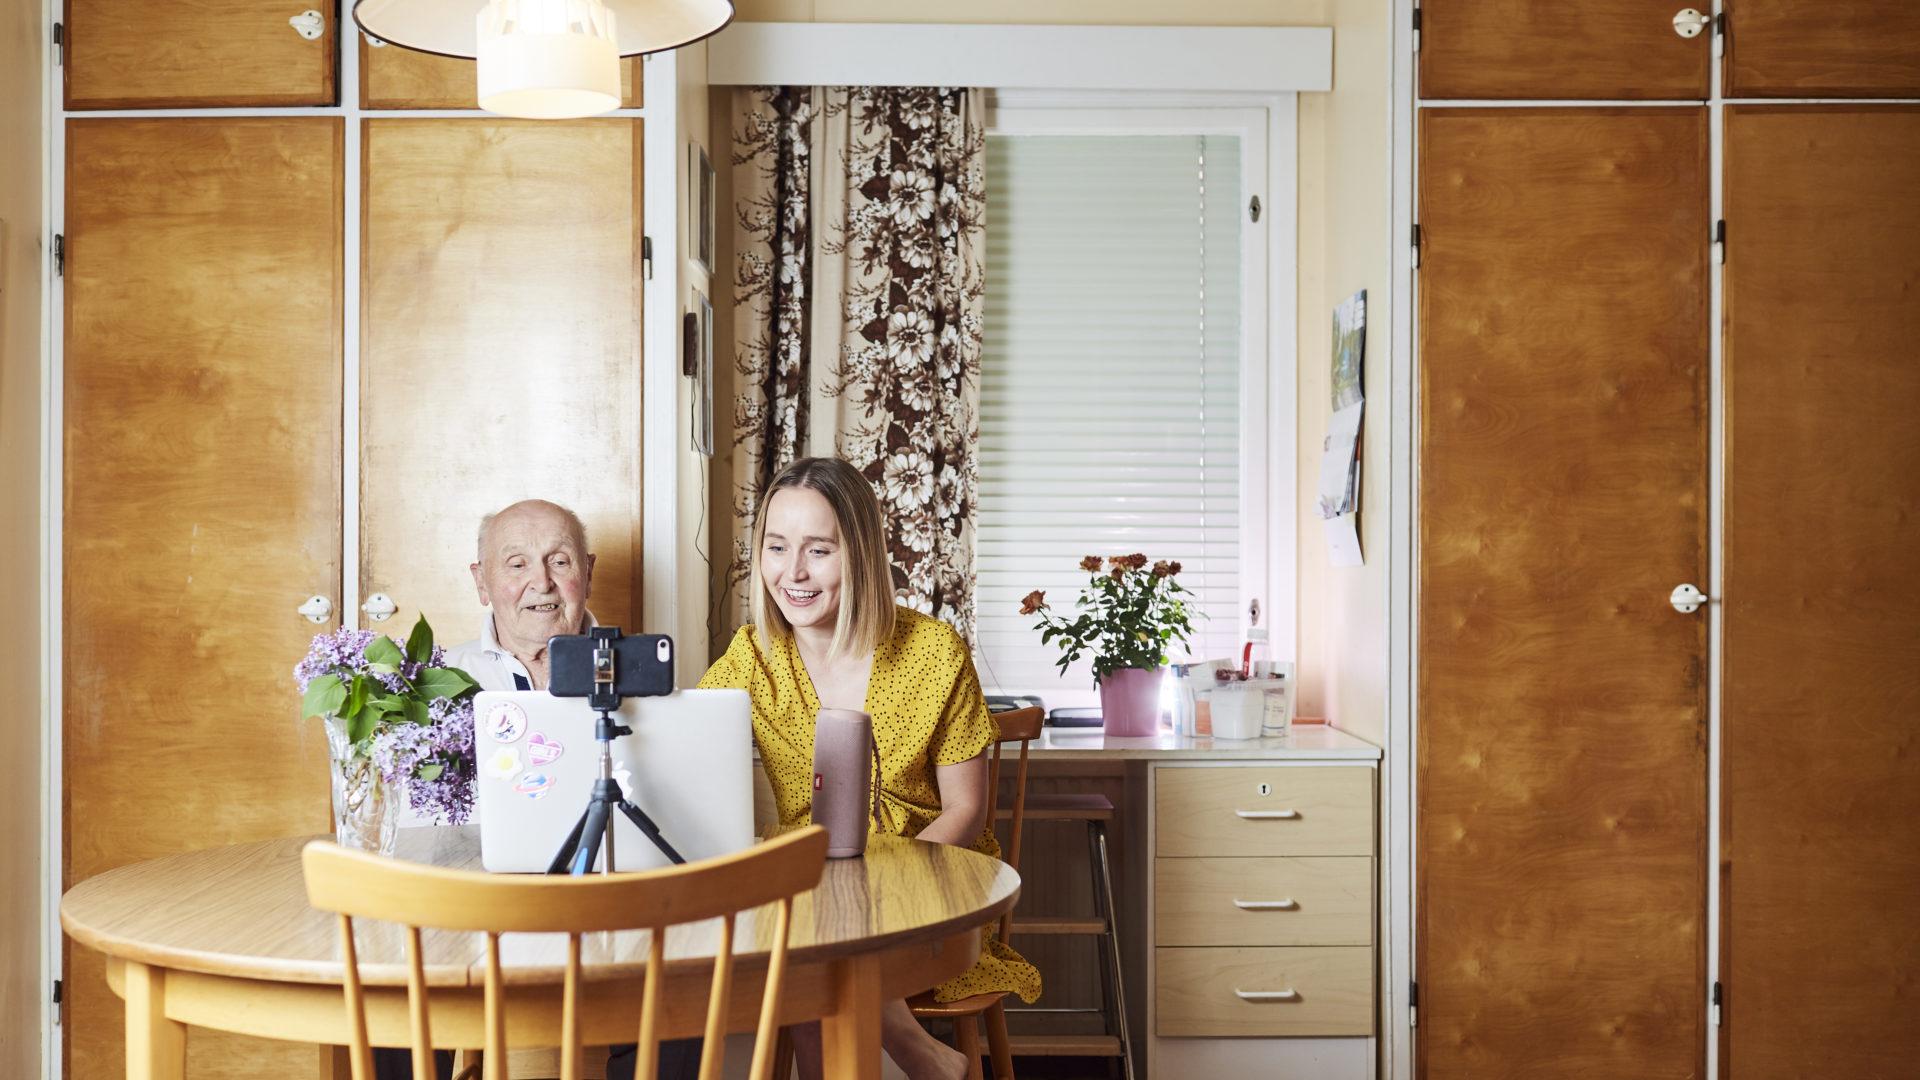 Lotta ja pappa eli Lotta-Sofia ja Jorma Saahko lauloivat itsensä ihmisten sydämiin kertaheitolla. Isoisän ja lapsenlapsen yhteistyö on poikimassa myös kirjan, joka ilmestyy marraskuussa.